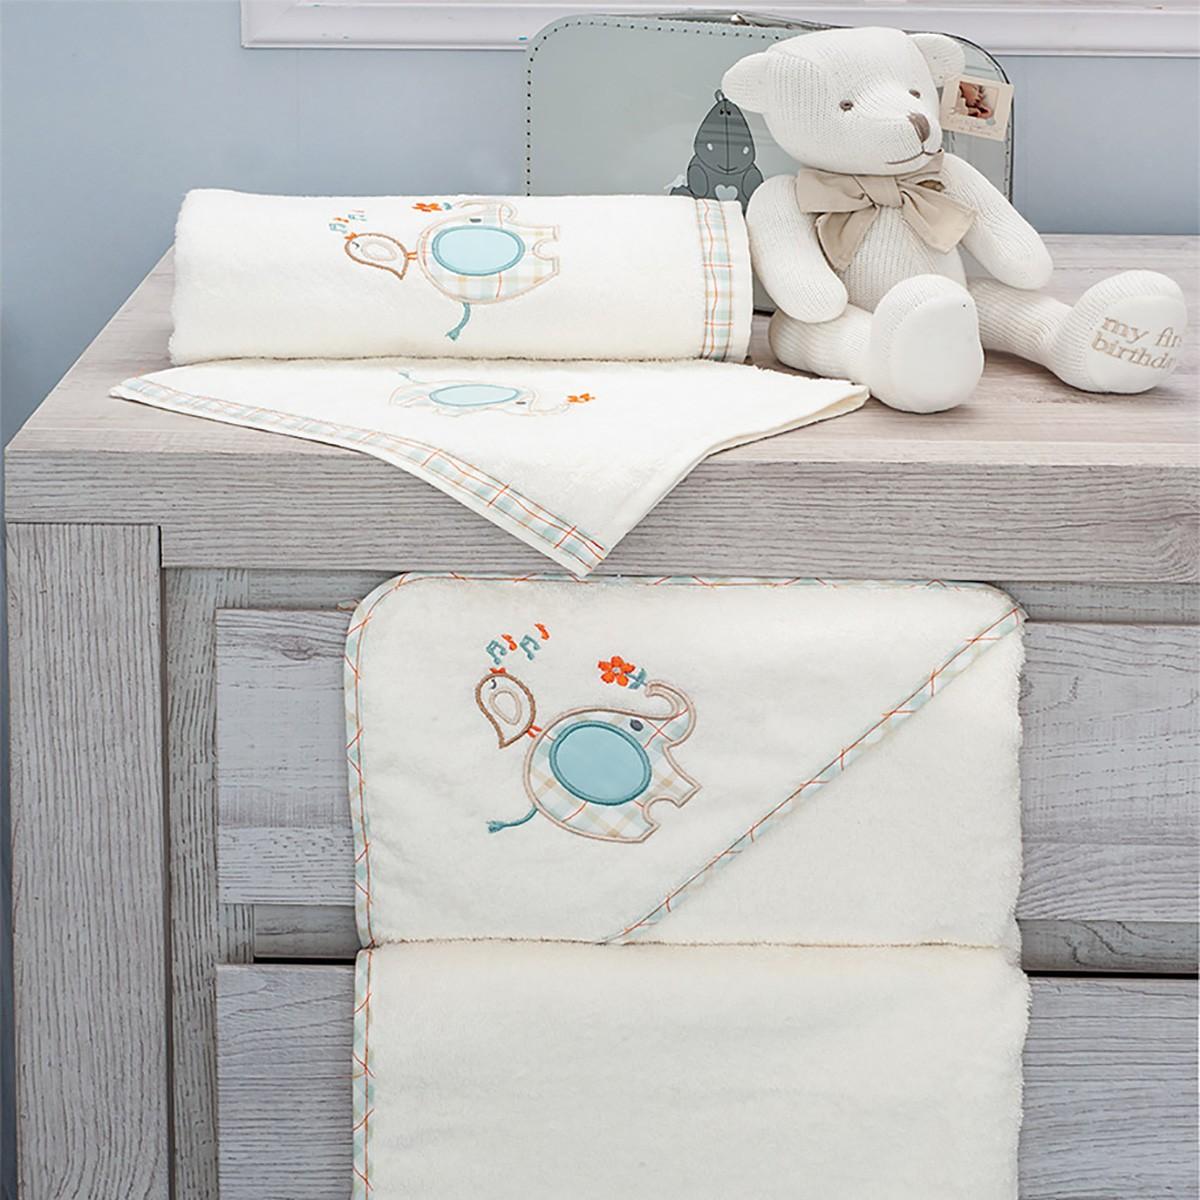 Πετσέτες Μπάνιου (Σετ 2τμχ) Baby Oliver Elephant Des 140